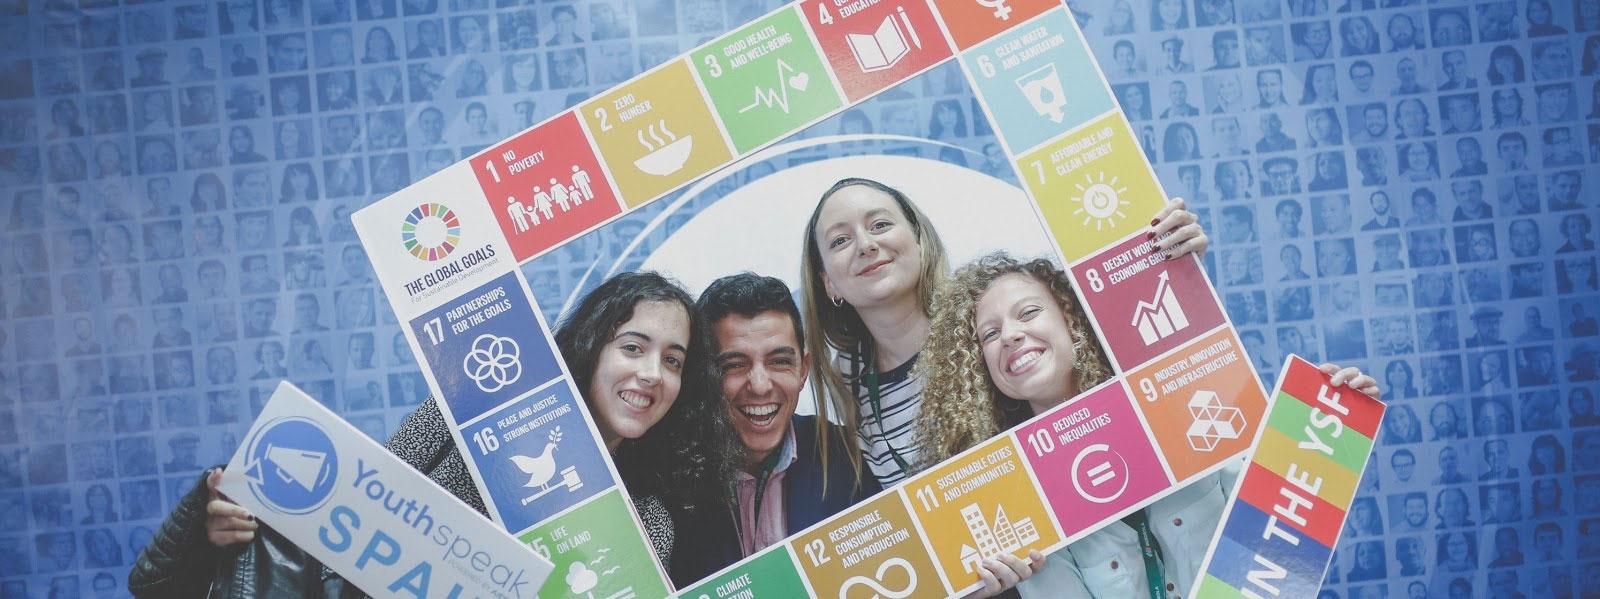 Llega la Semana de los Objetivos de Desarrollo Sostenible a la UPM y la UC3M